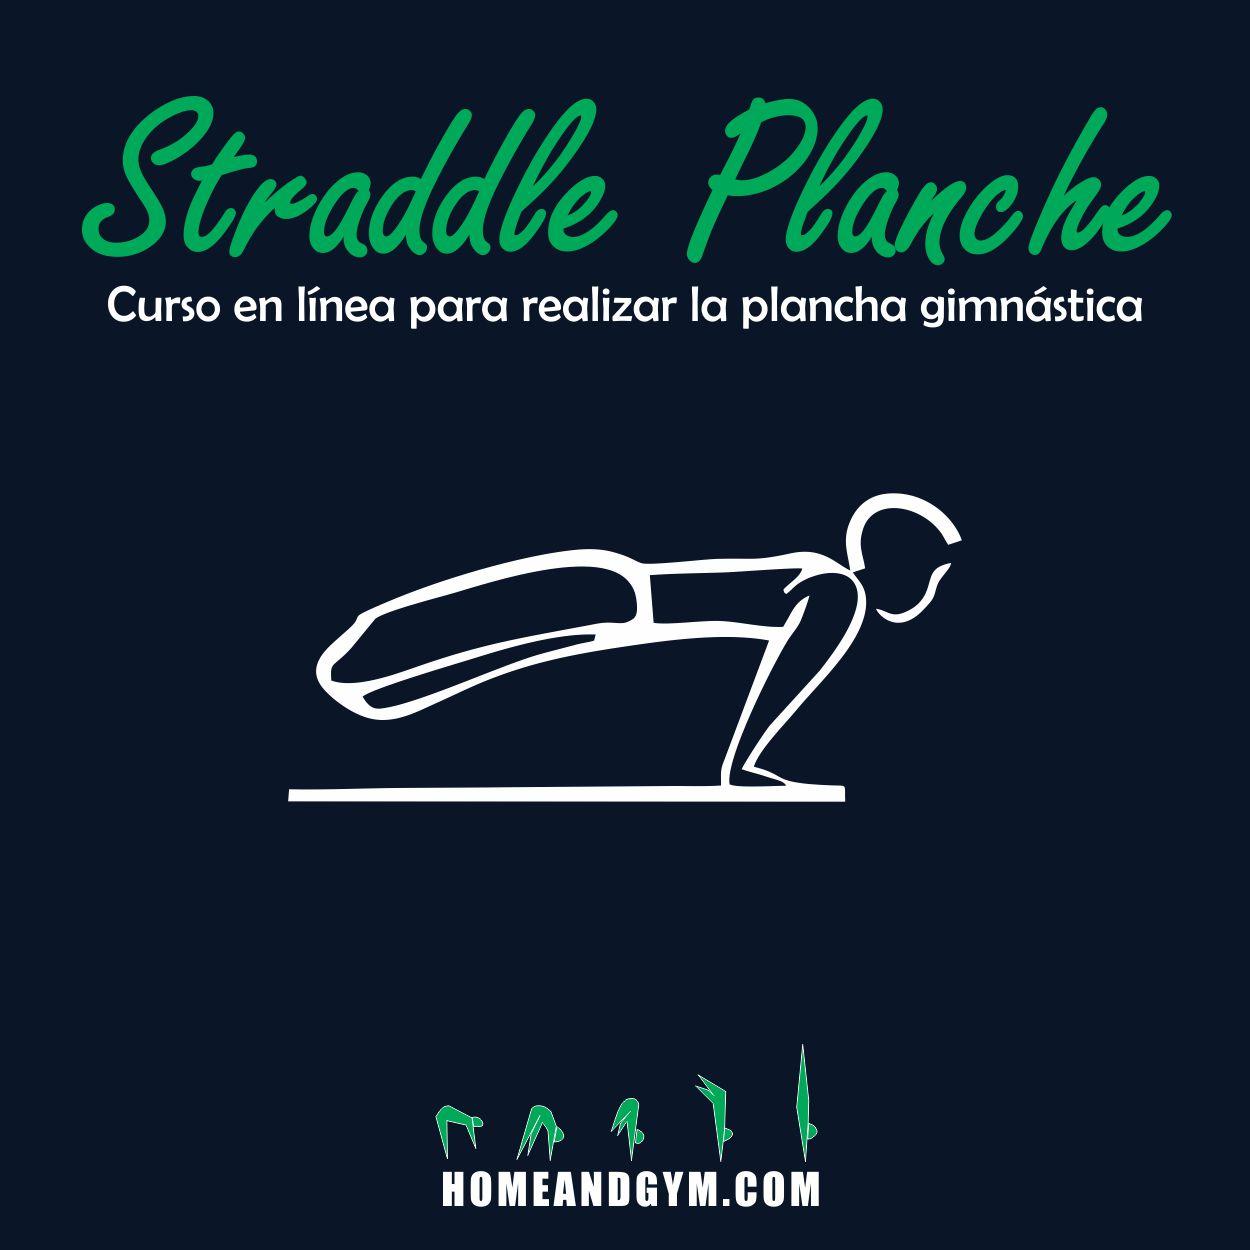 curso straddle planche